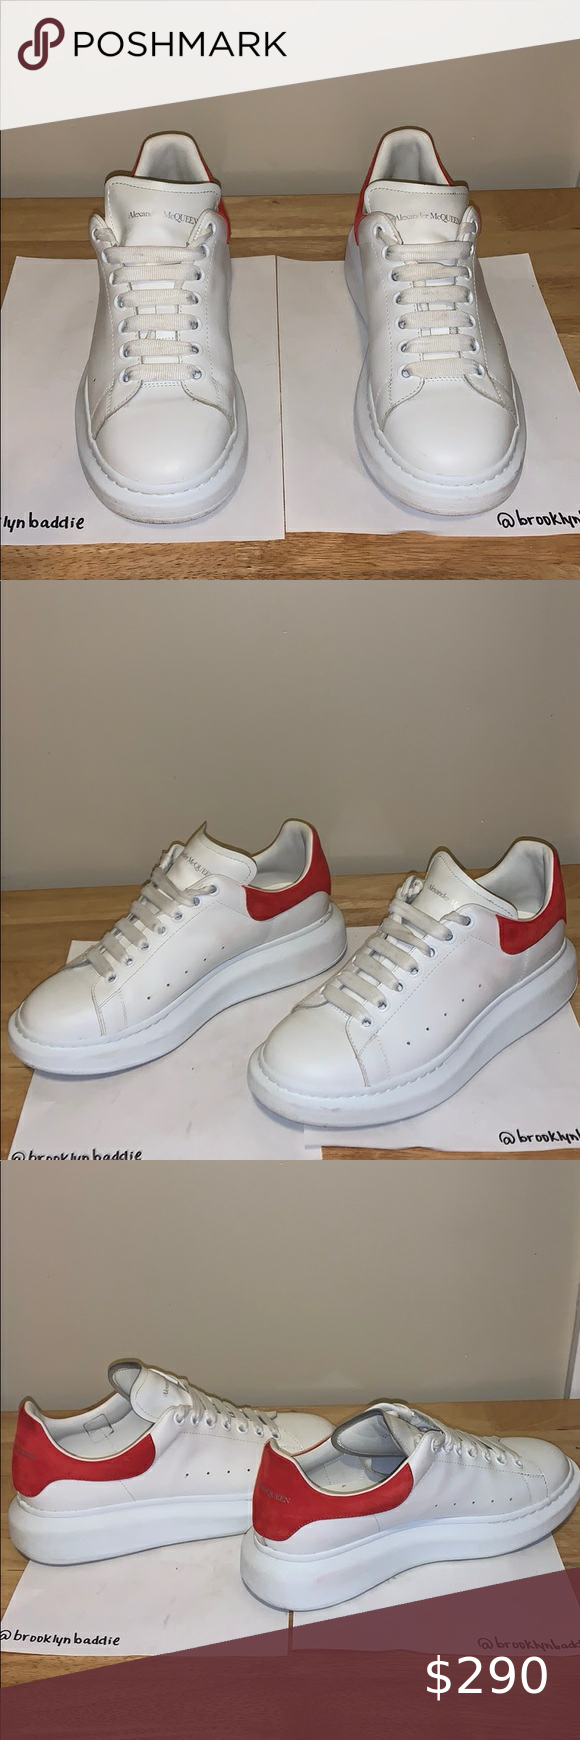 Men's Alexander McQueen sneakers size 9